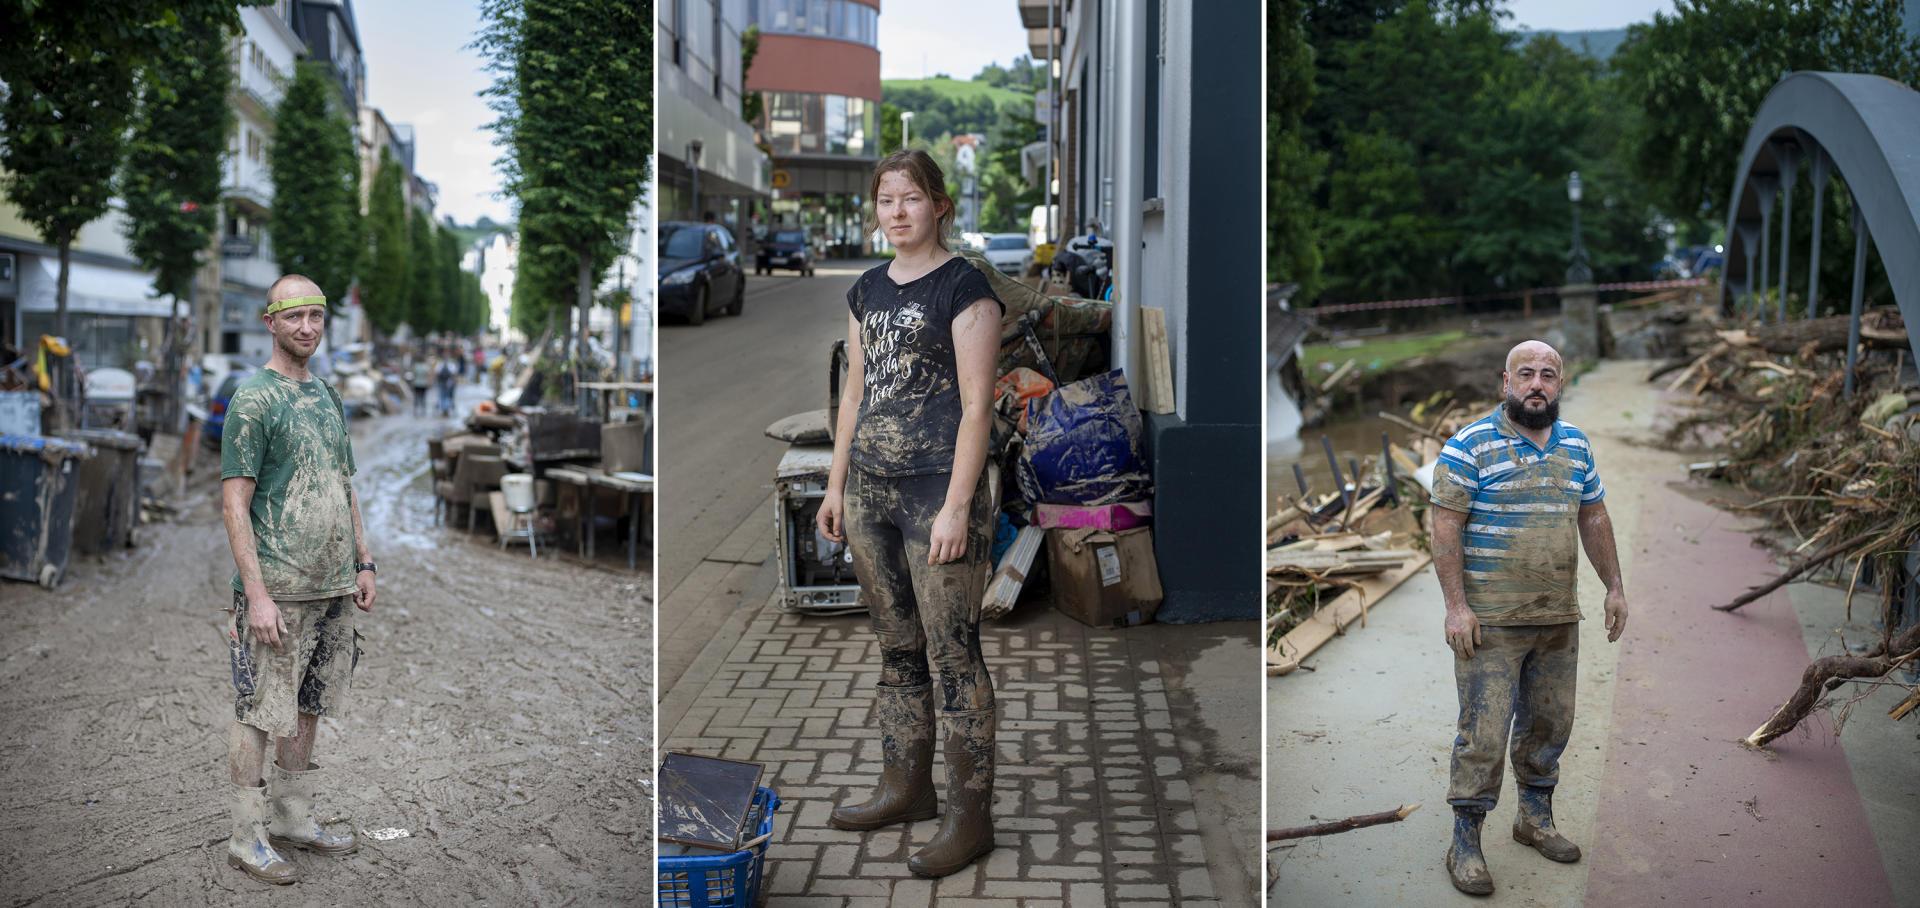 Bad Neuenahr, Allemagne, le 17 juillet 2021. David Bogumila, 40 ans, peu touché, aide ses voisins.Julia Weber, 22 ans, étudiante à Bonn, est venue pour aider des amis. Elyas Nader, 42ans, installé depuis 17ans dans la ville où il est propriétaire d'un bar à chicha. Il a tout perdu.